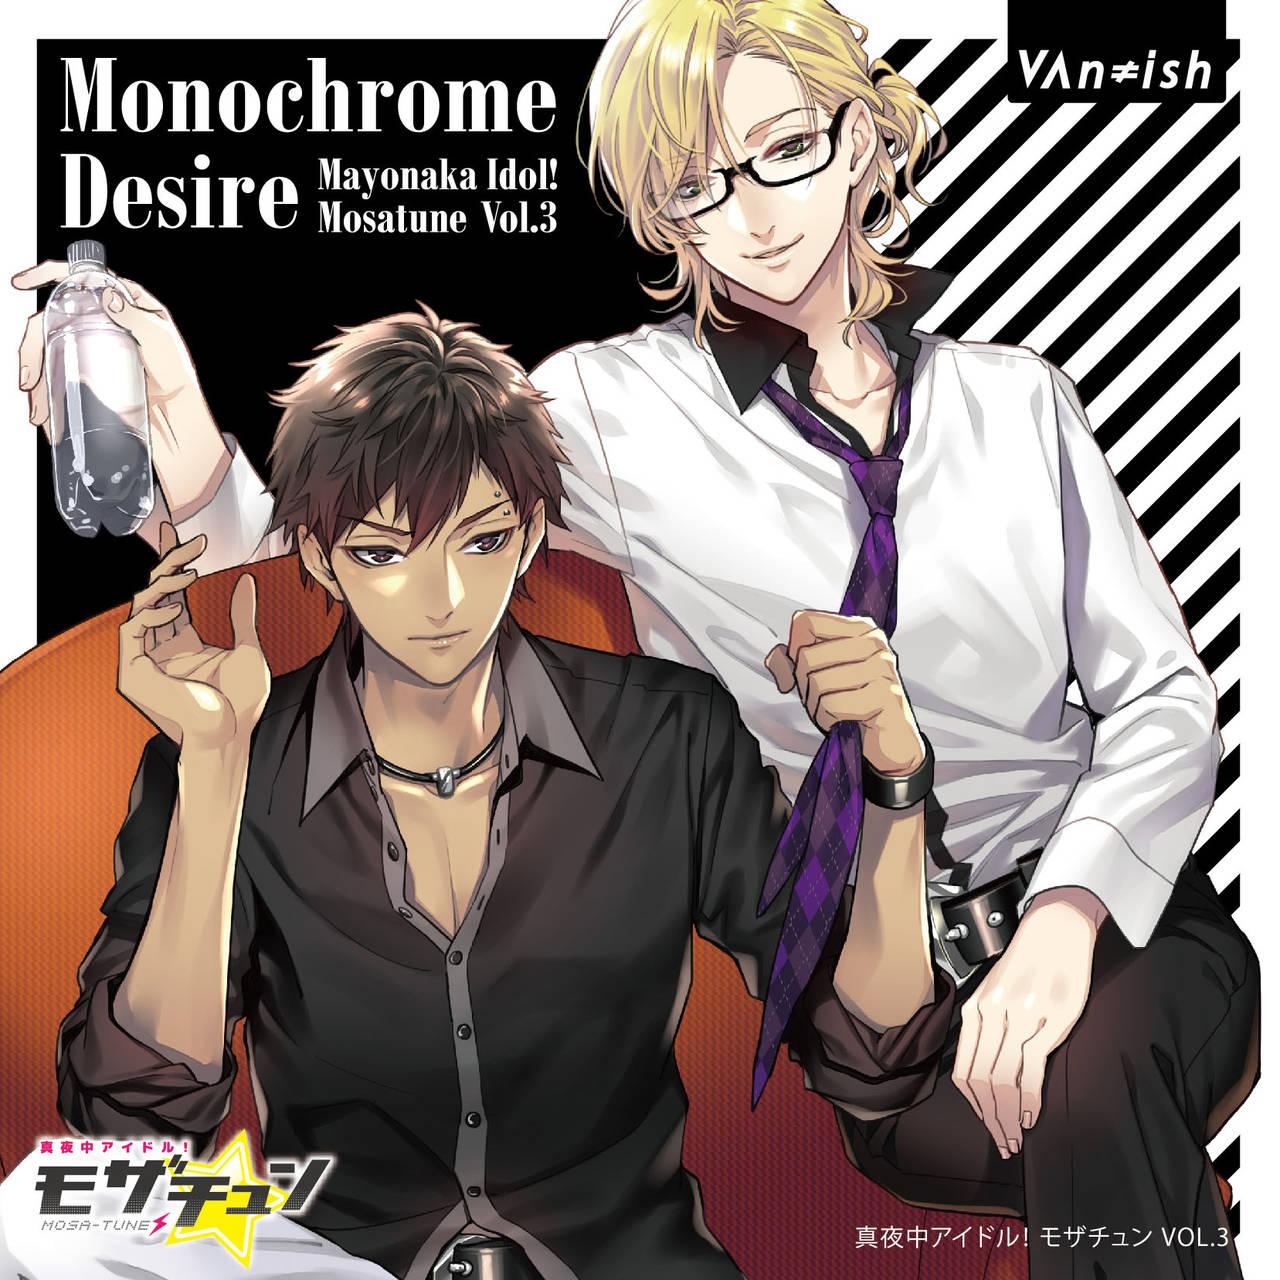 真夜中アイドル!モザチュン VOL.3 『Monochrome Desire』